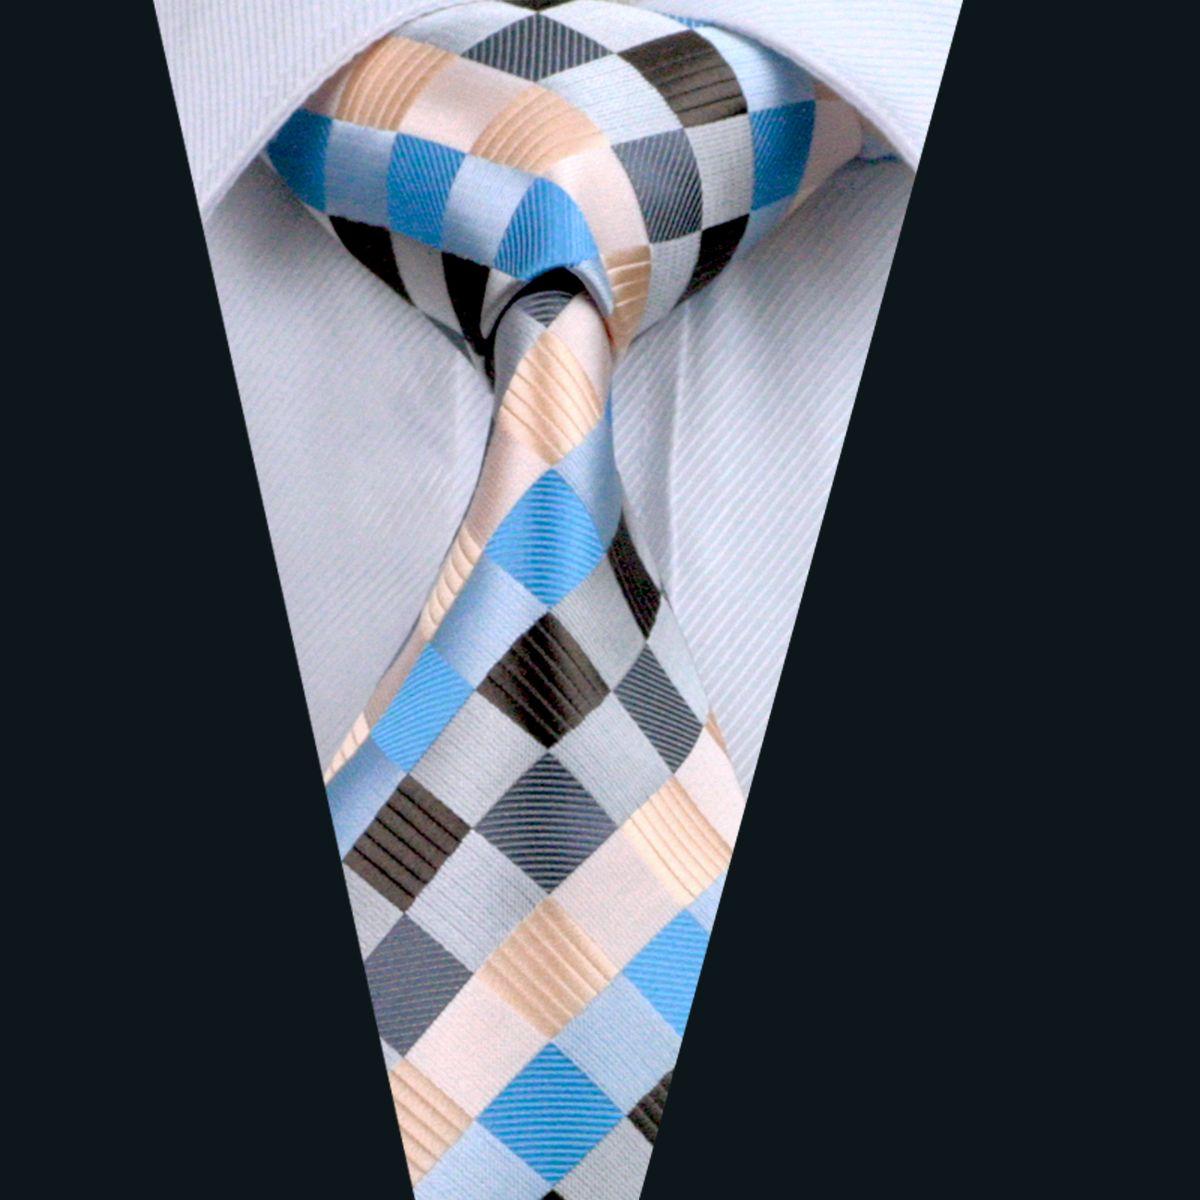 مزيج اللون منقوشة نمط البدلة ربطة العنق للرجال 8.5CM العرض جاكار نسج عارضة الأعمال العمل الرسمي التعادل D-0275